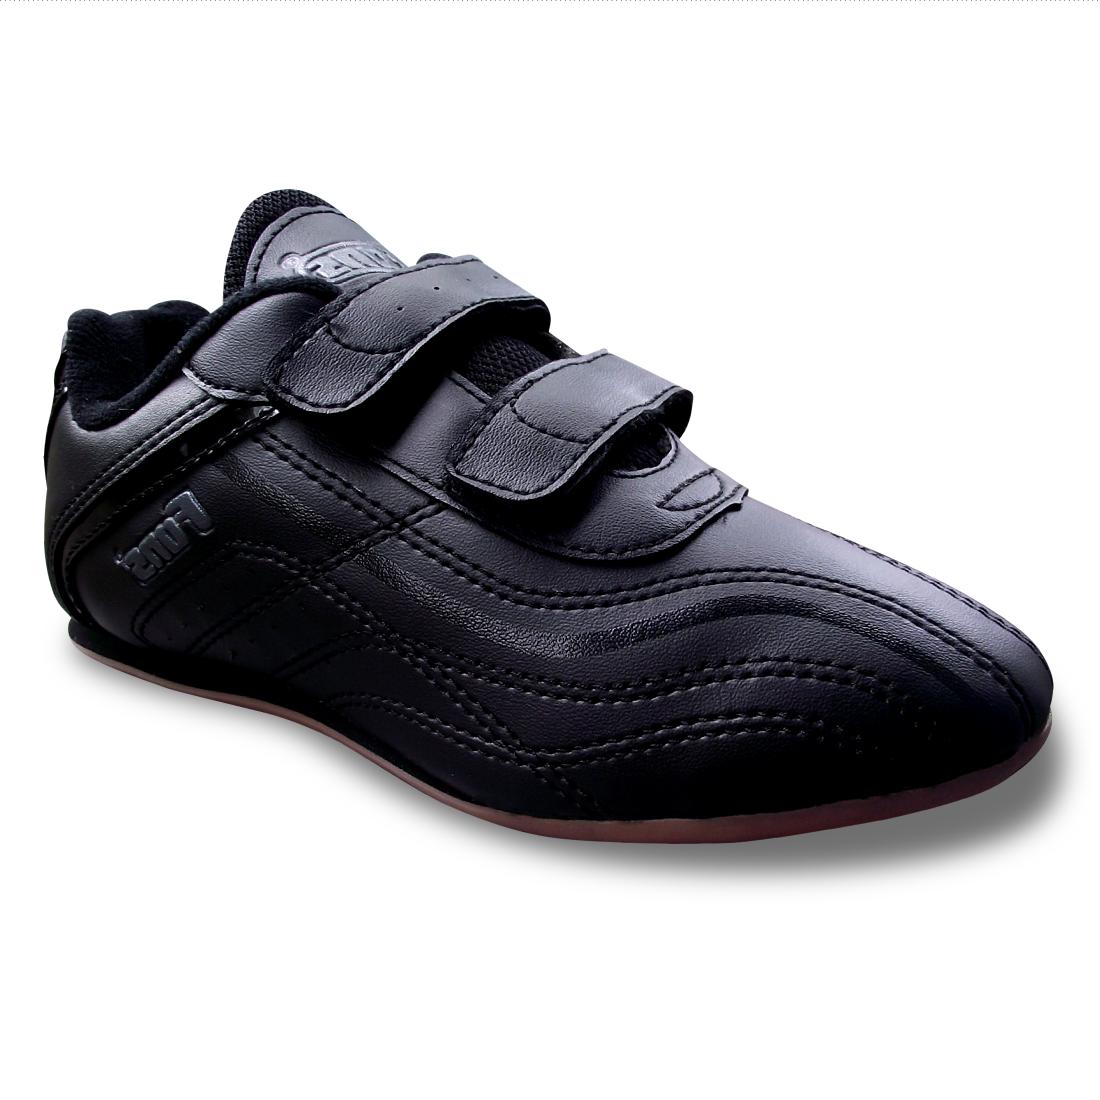 Jual Sepatu Olahraga Sekolah Anak Hitam Polos ZOom B JR  7ef8d99cba